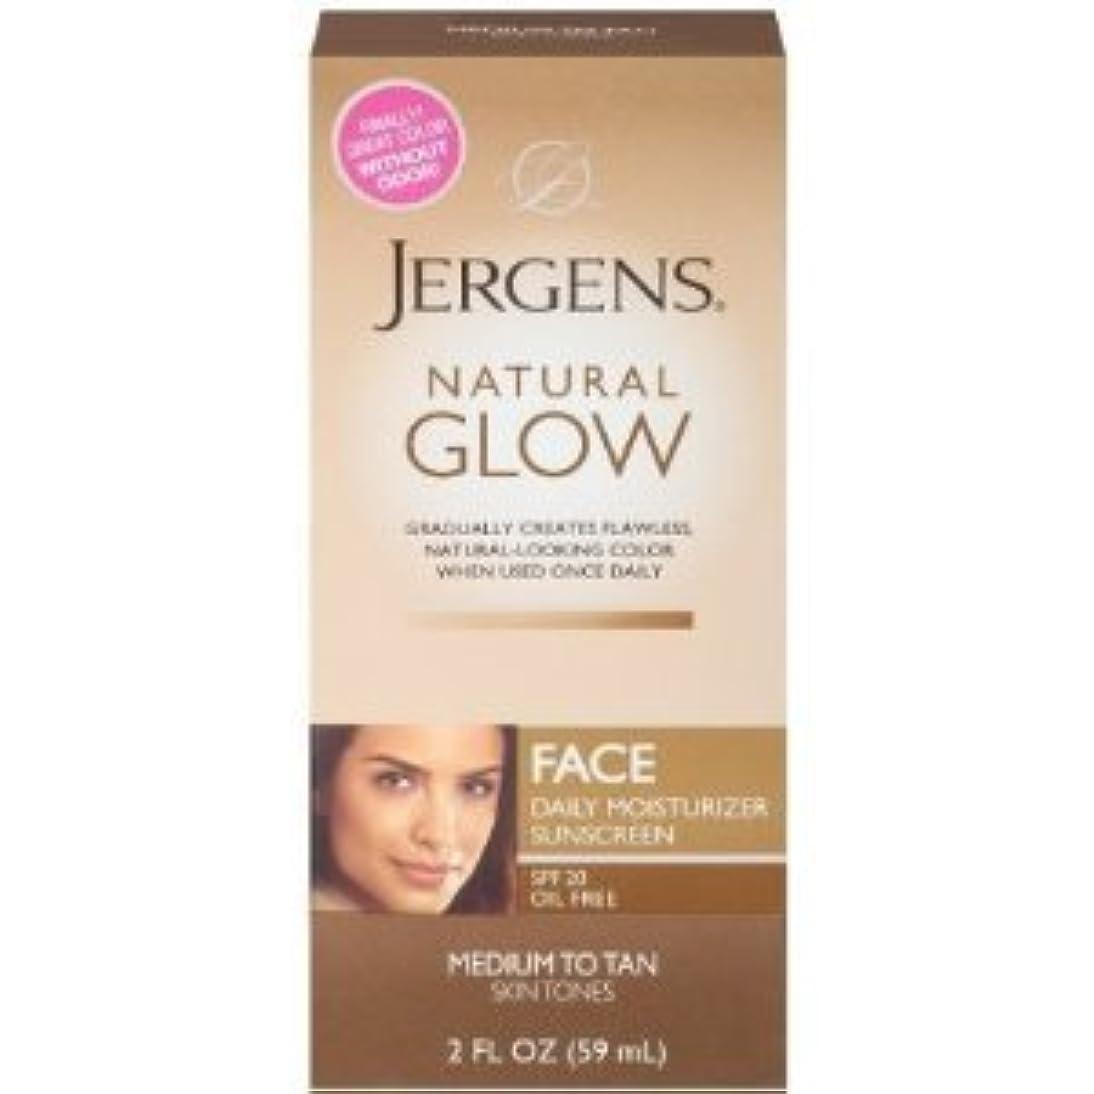 遺跡無能悪性腫瘍Natural Glow Healthy Complexion Daily Facial Moisturizer, SPF 20, Medium to Tan, (59ml) (海外直送品)